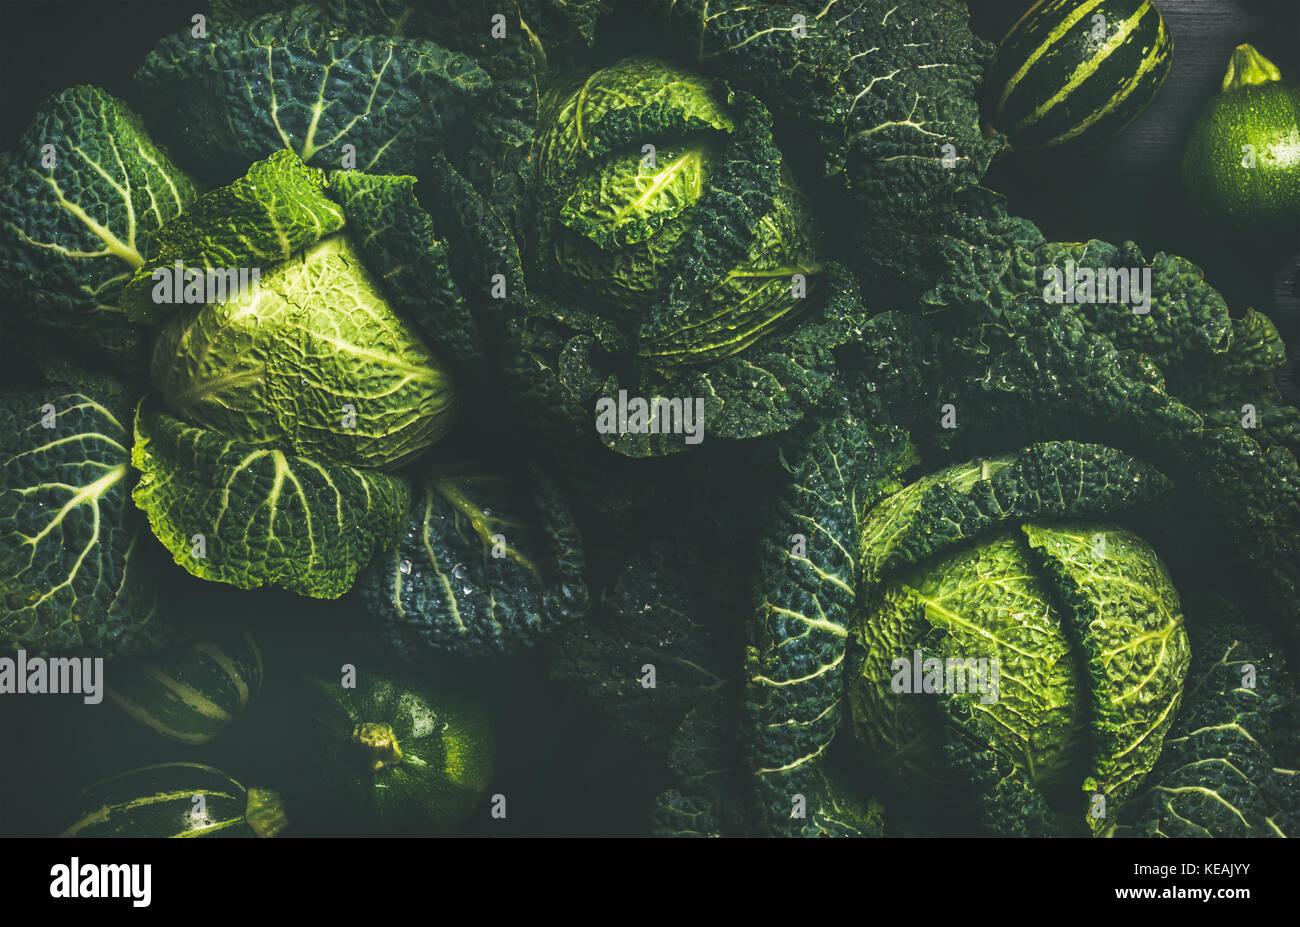 Rohe frische Grünkohl Textur und Hintergrund, Ansicht von oben Stockbild